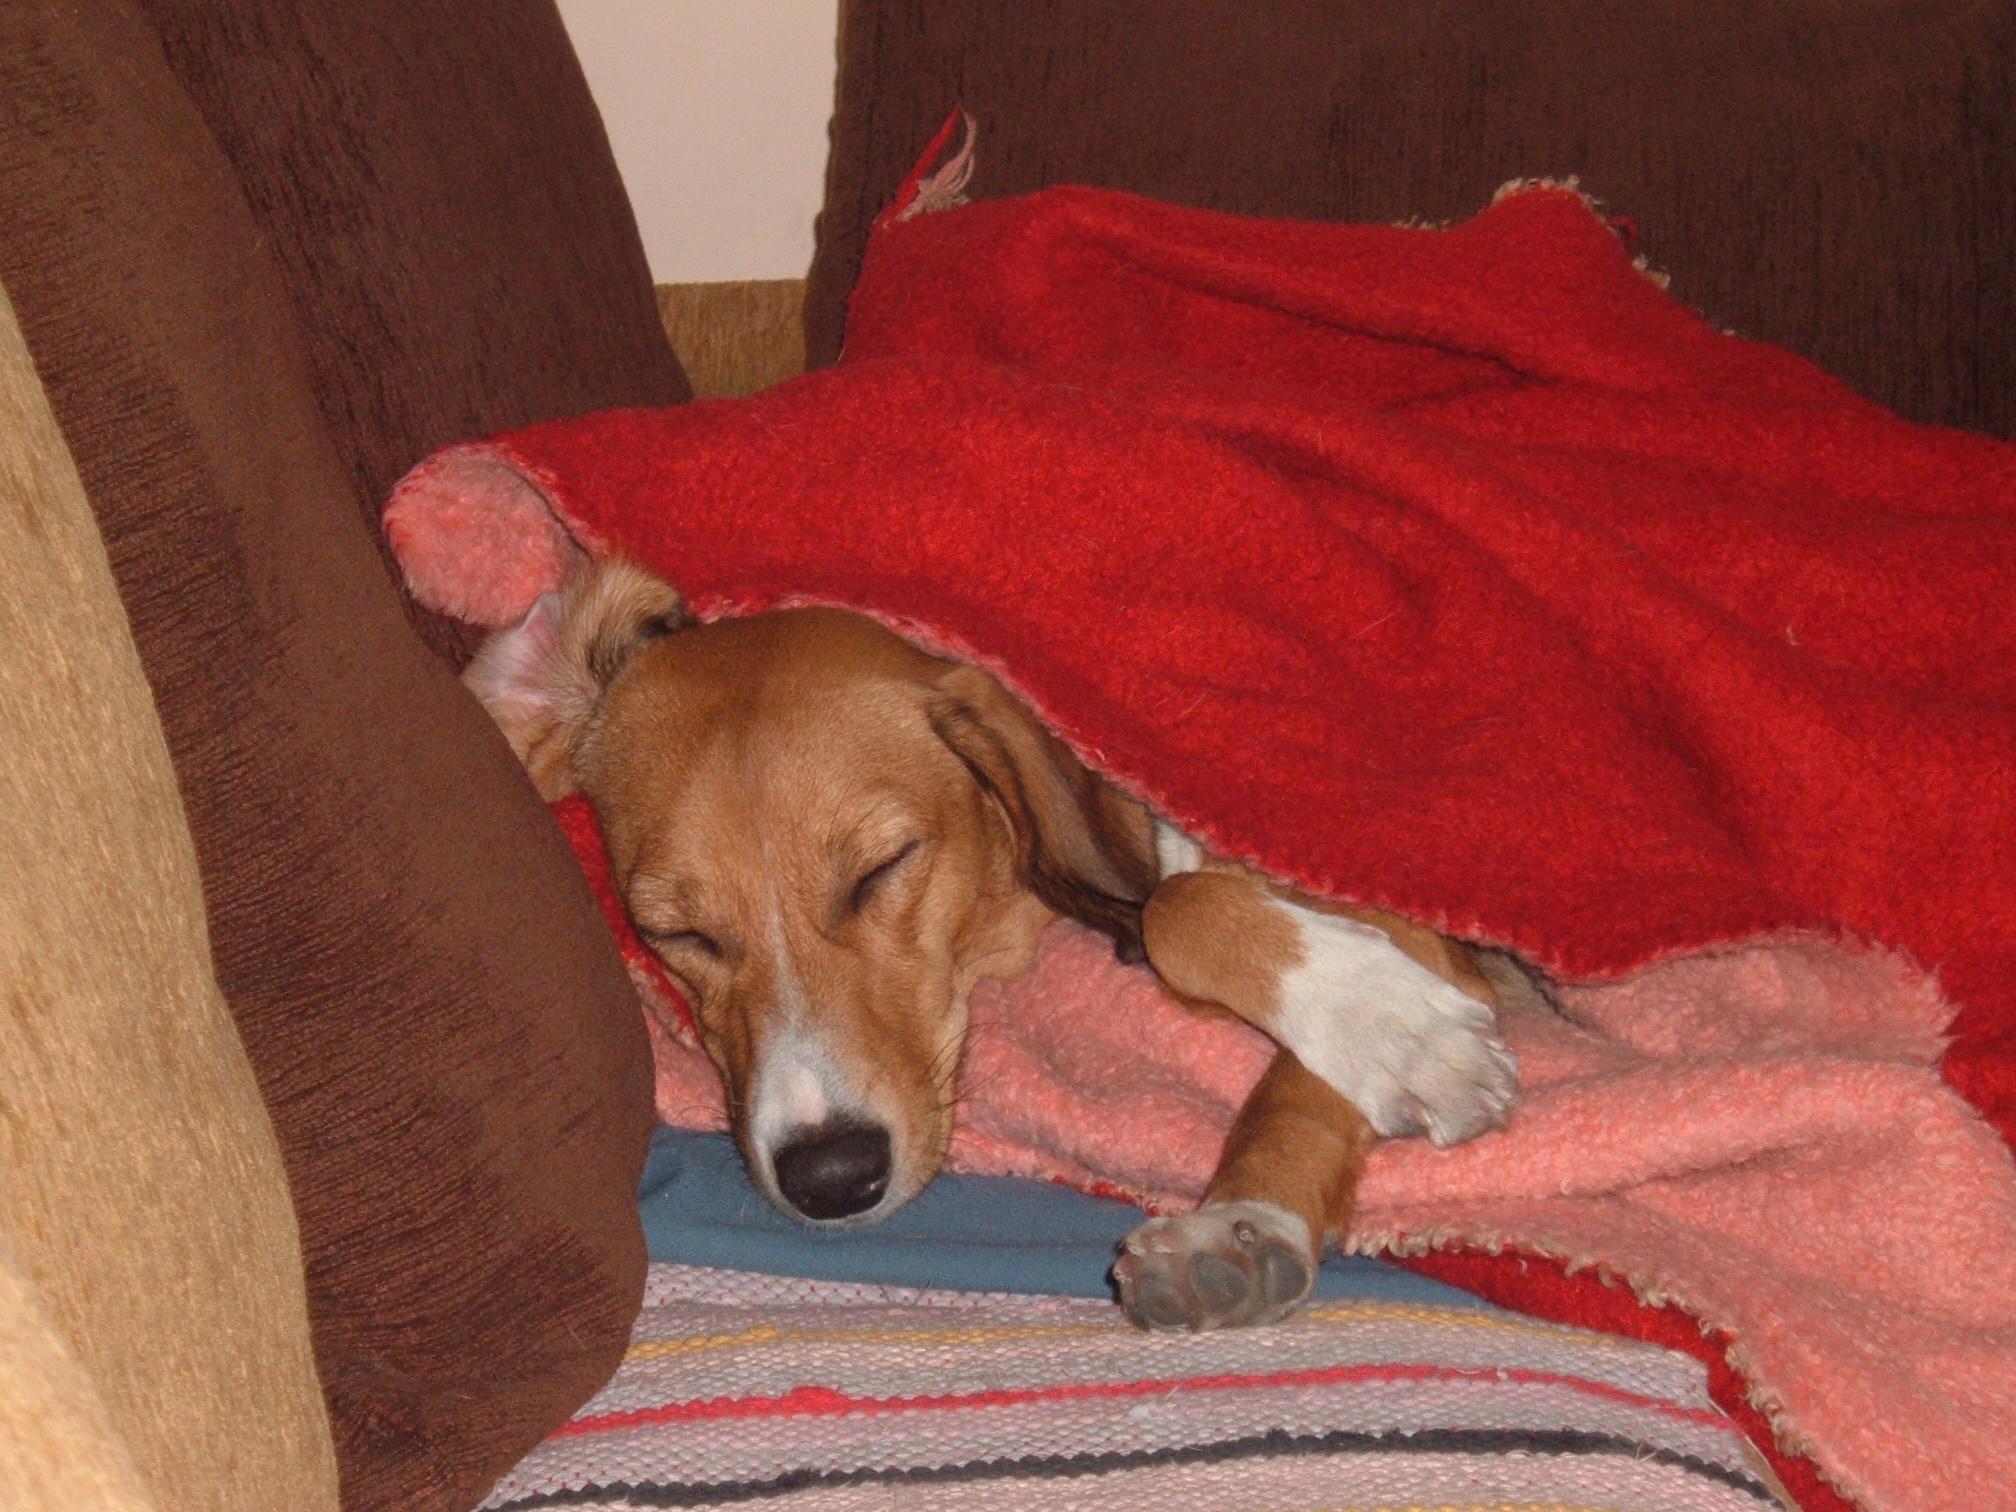 Εγώ ευτυχώς είμαι σκύλος του καναπέ, της αγκαλιάς, του παιχνιδιού και της μάσας...